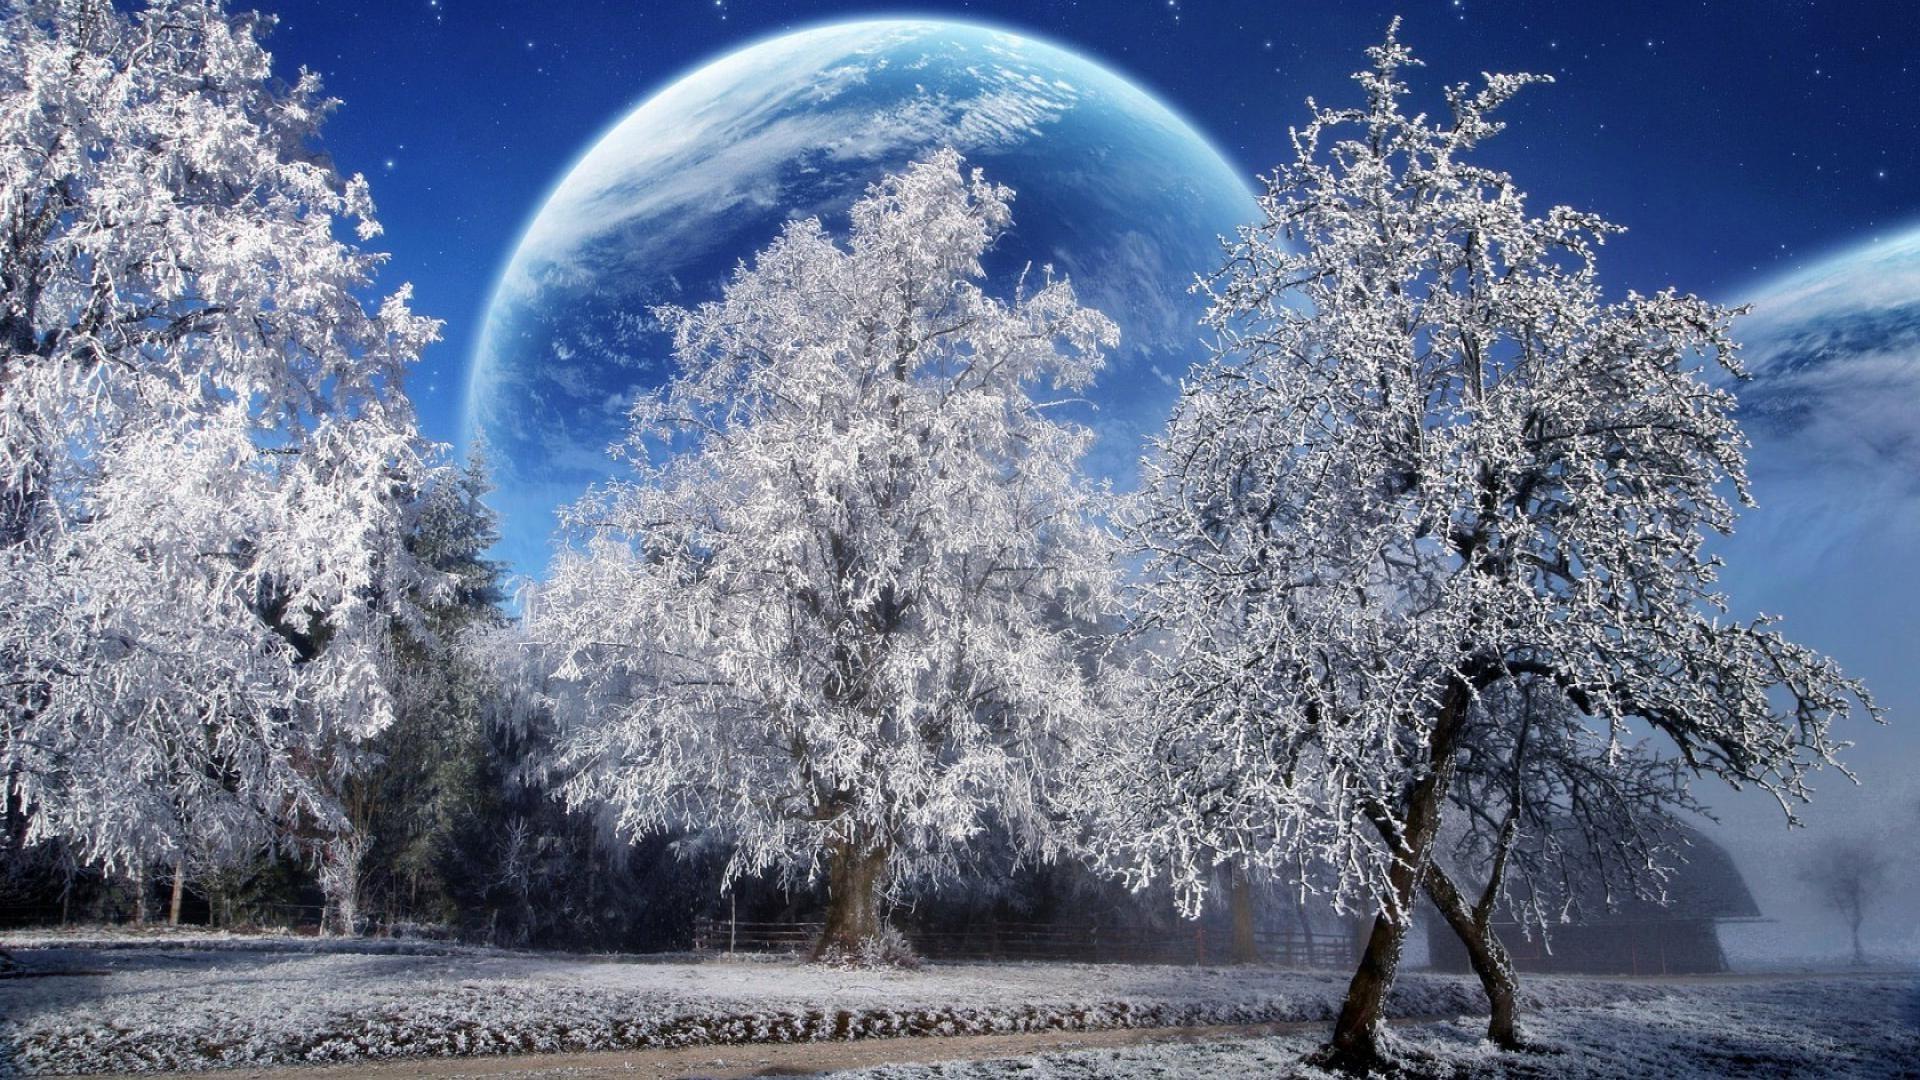 обои зима и животные на рабочий стол скачать бесплатно